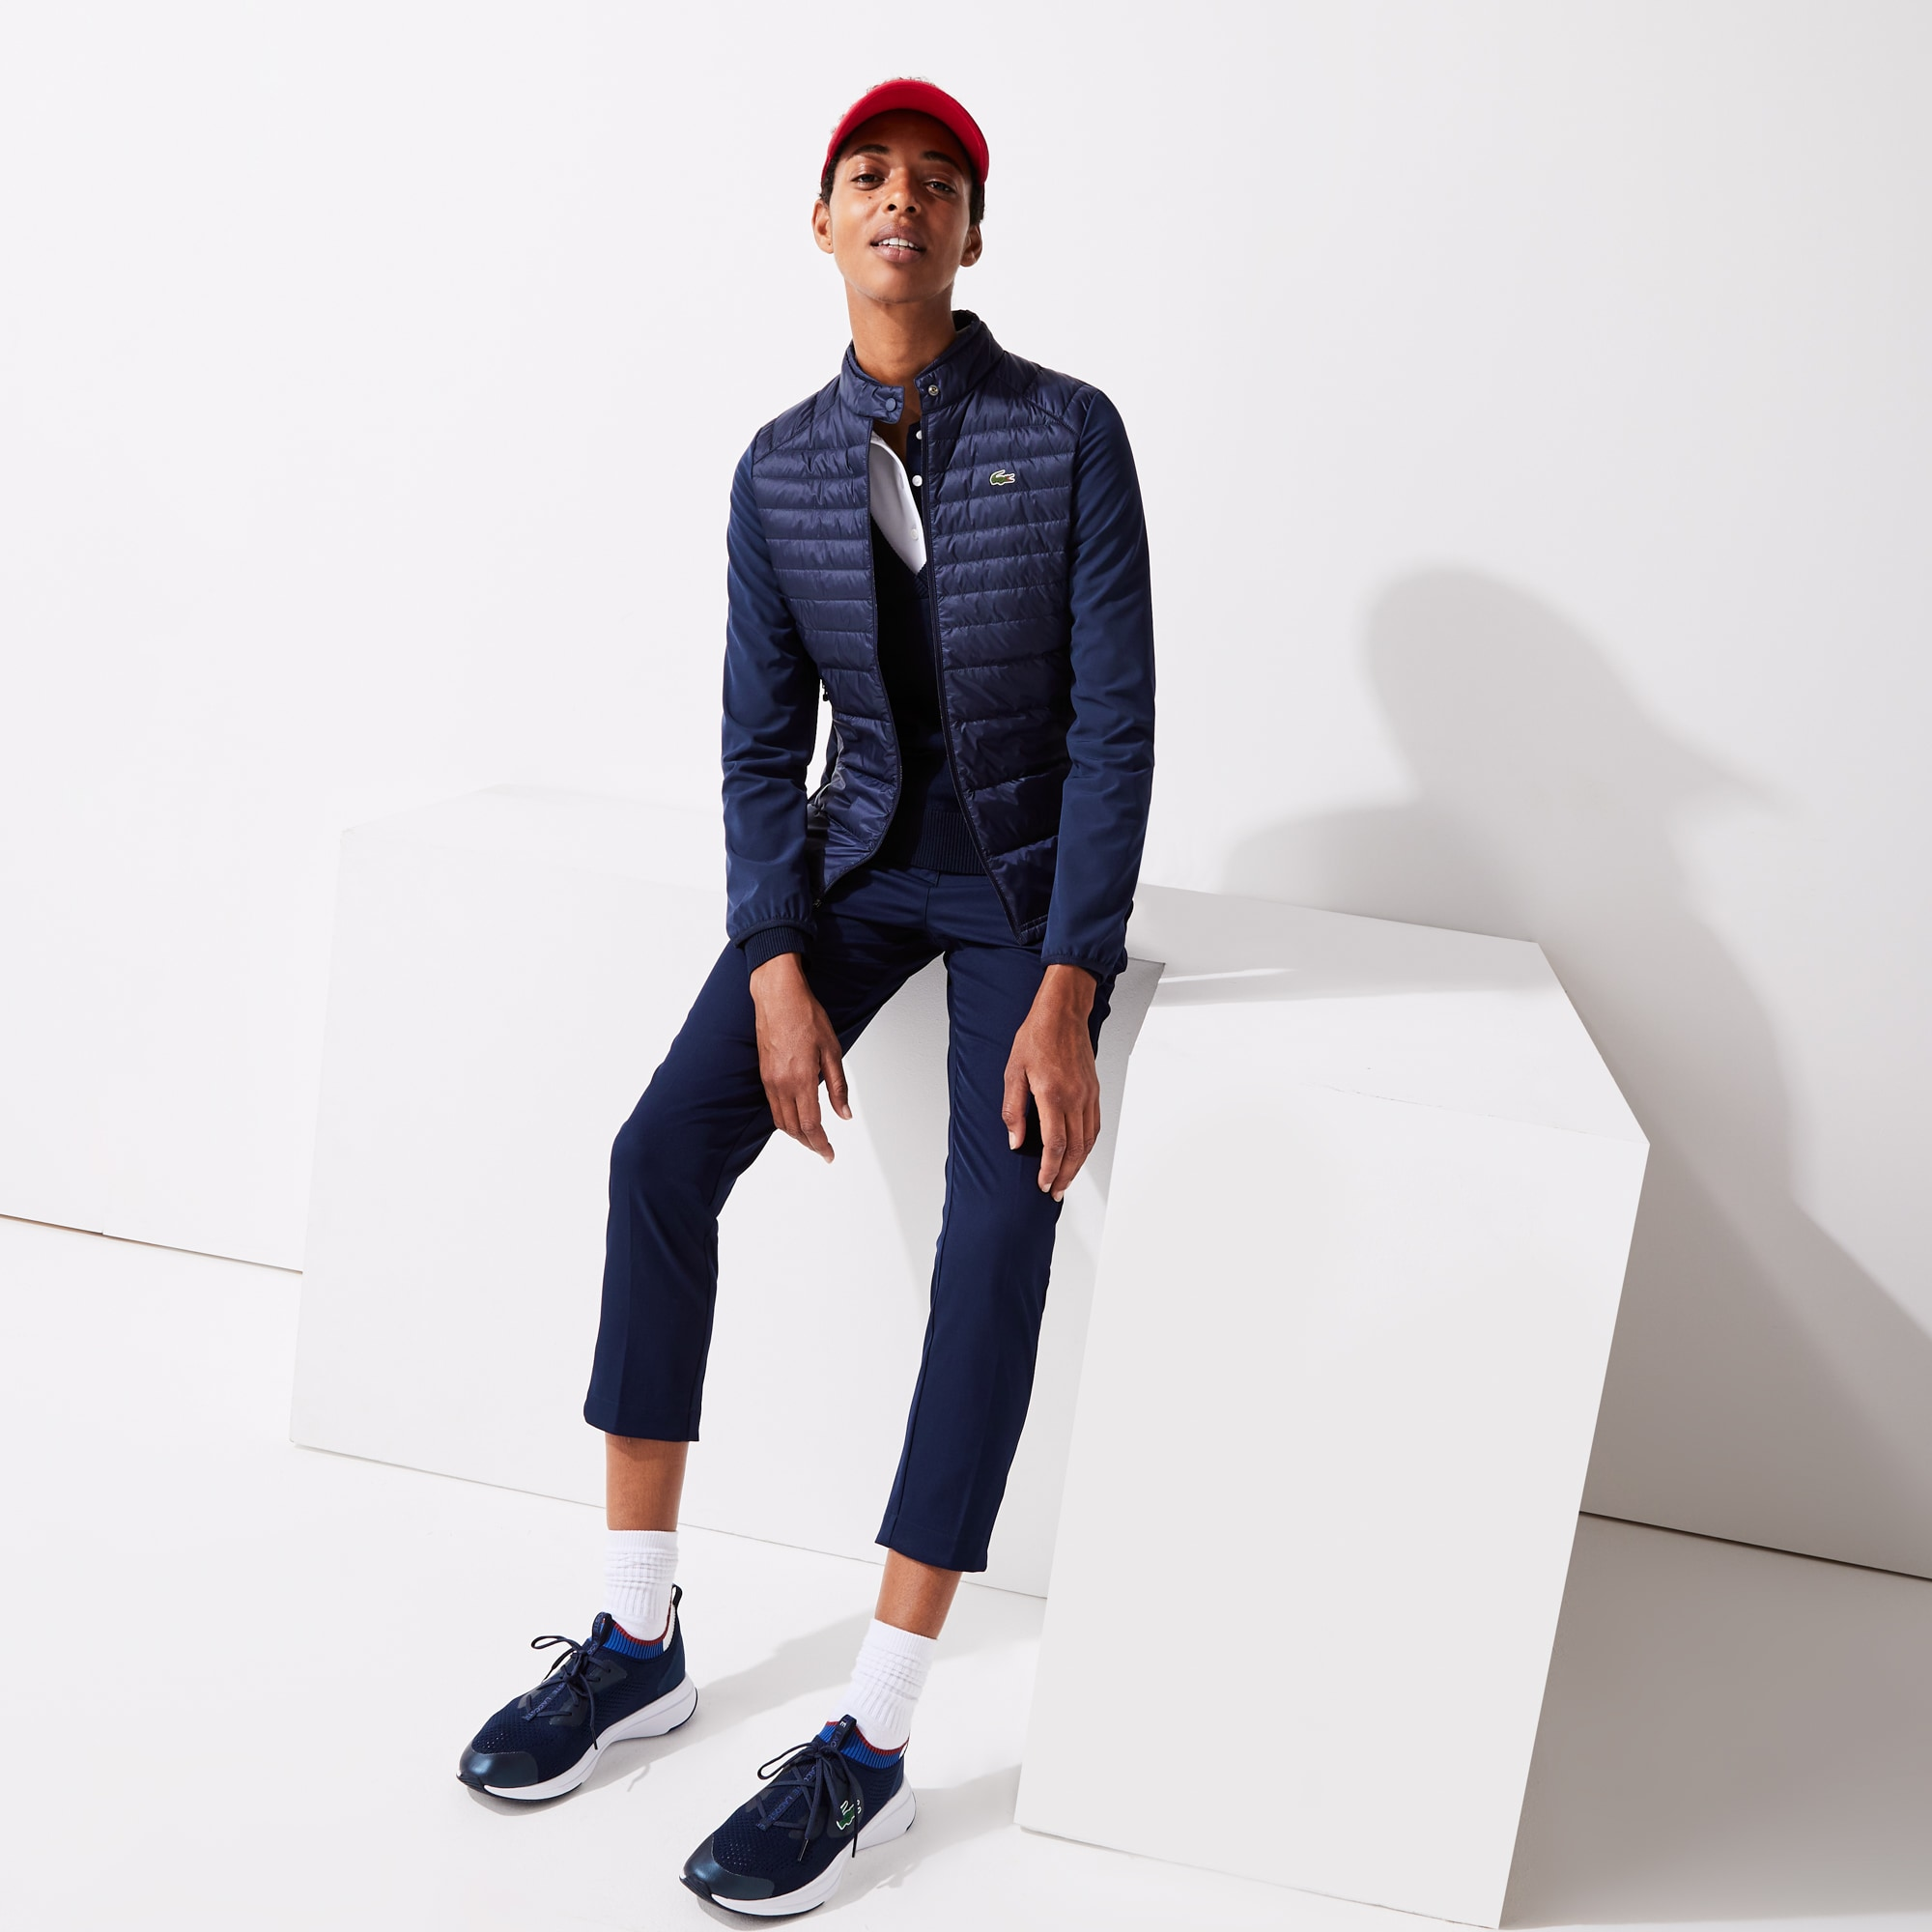 라코스테 스포츠 골프 방수 퀼팅 자켓 - 네이비 Lacoste Women's SPORT Water-Resistant Down-Filled Puffer Jacket